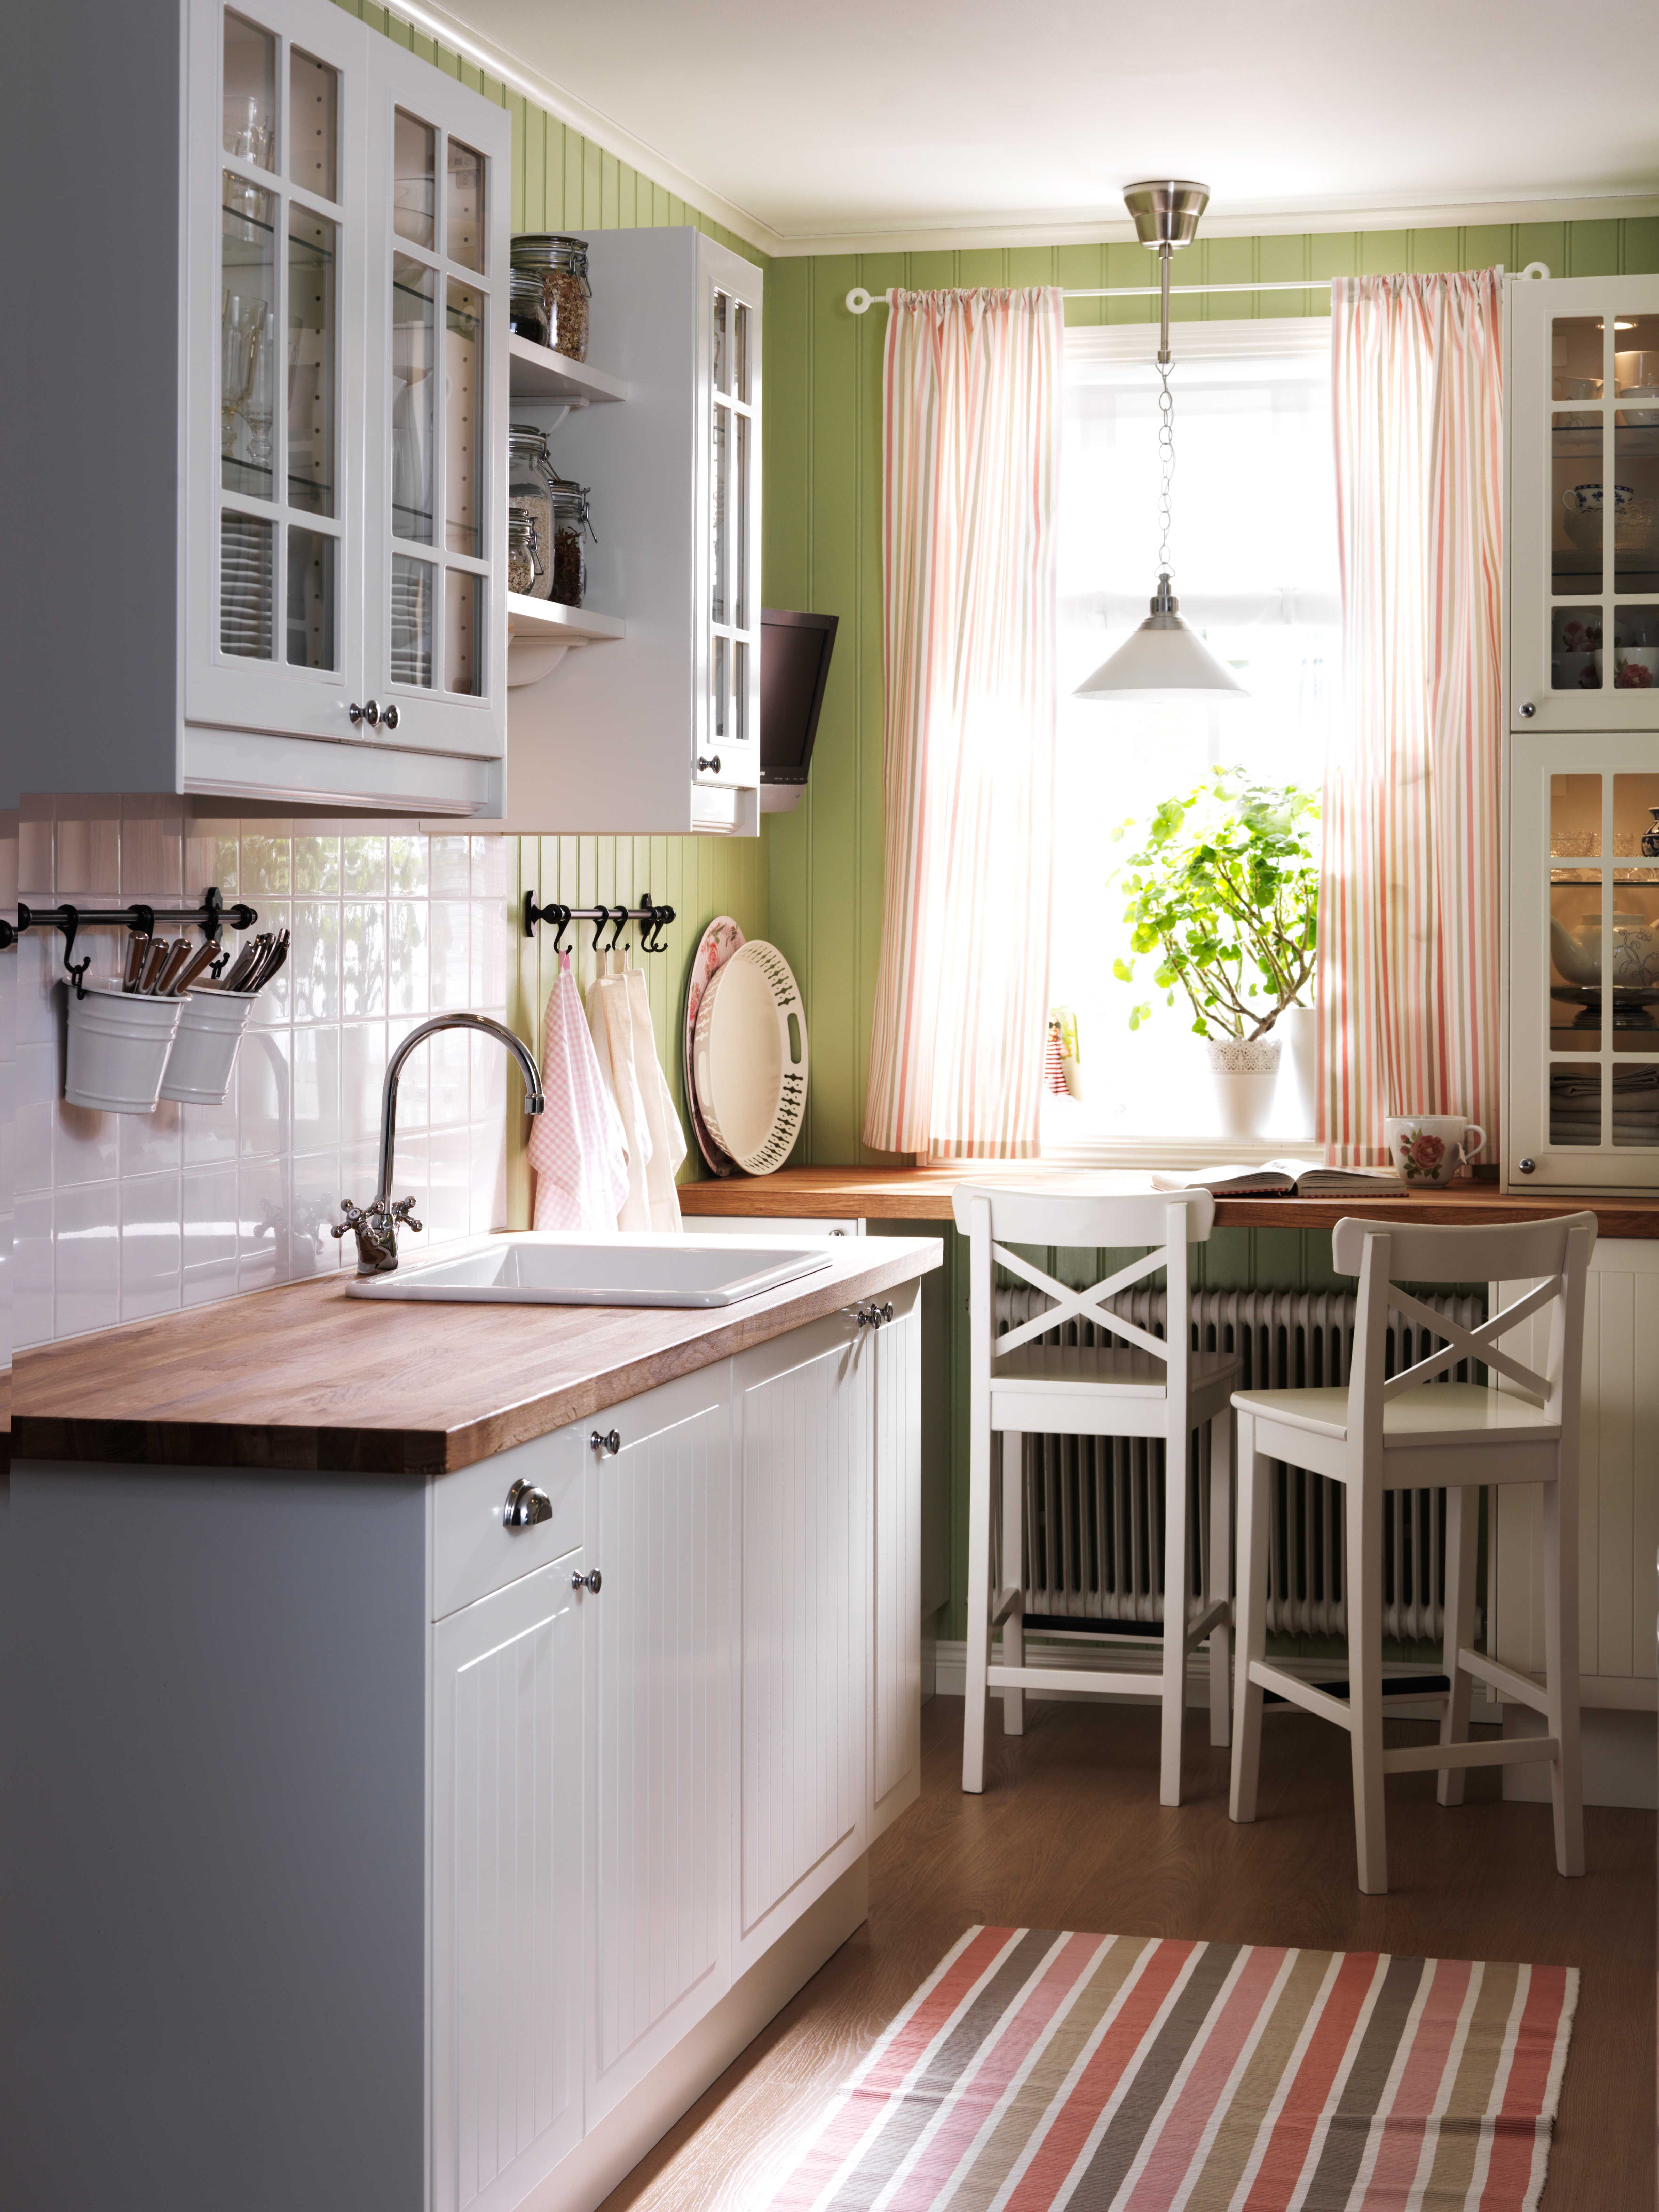 Landhausstil Küche Griffe | Küche Ohne Griffe Schön Inspirierend ...